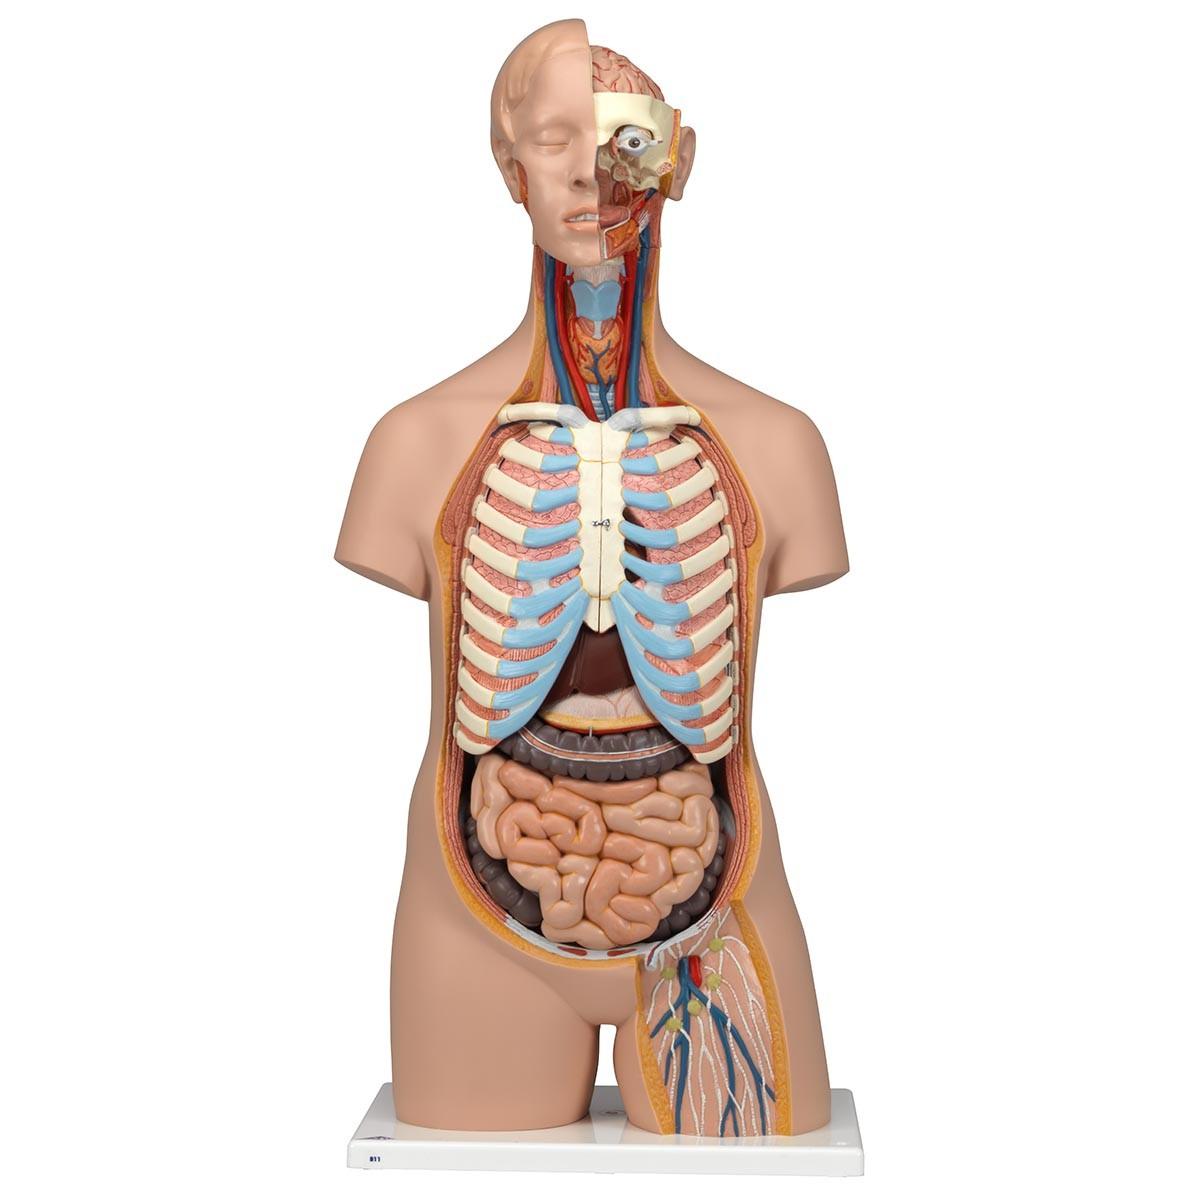 Groß Torso Anatomie Bilder - Menschliche Anatomie Bilder ...